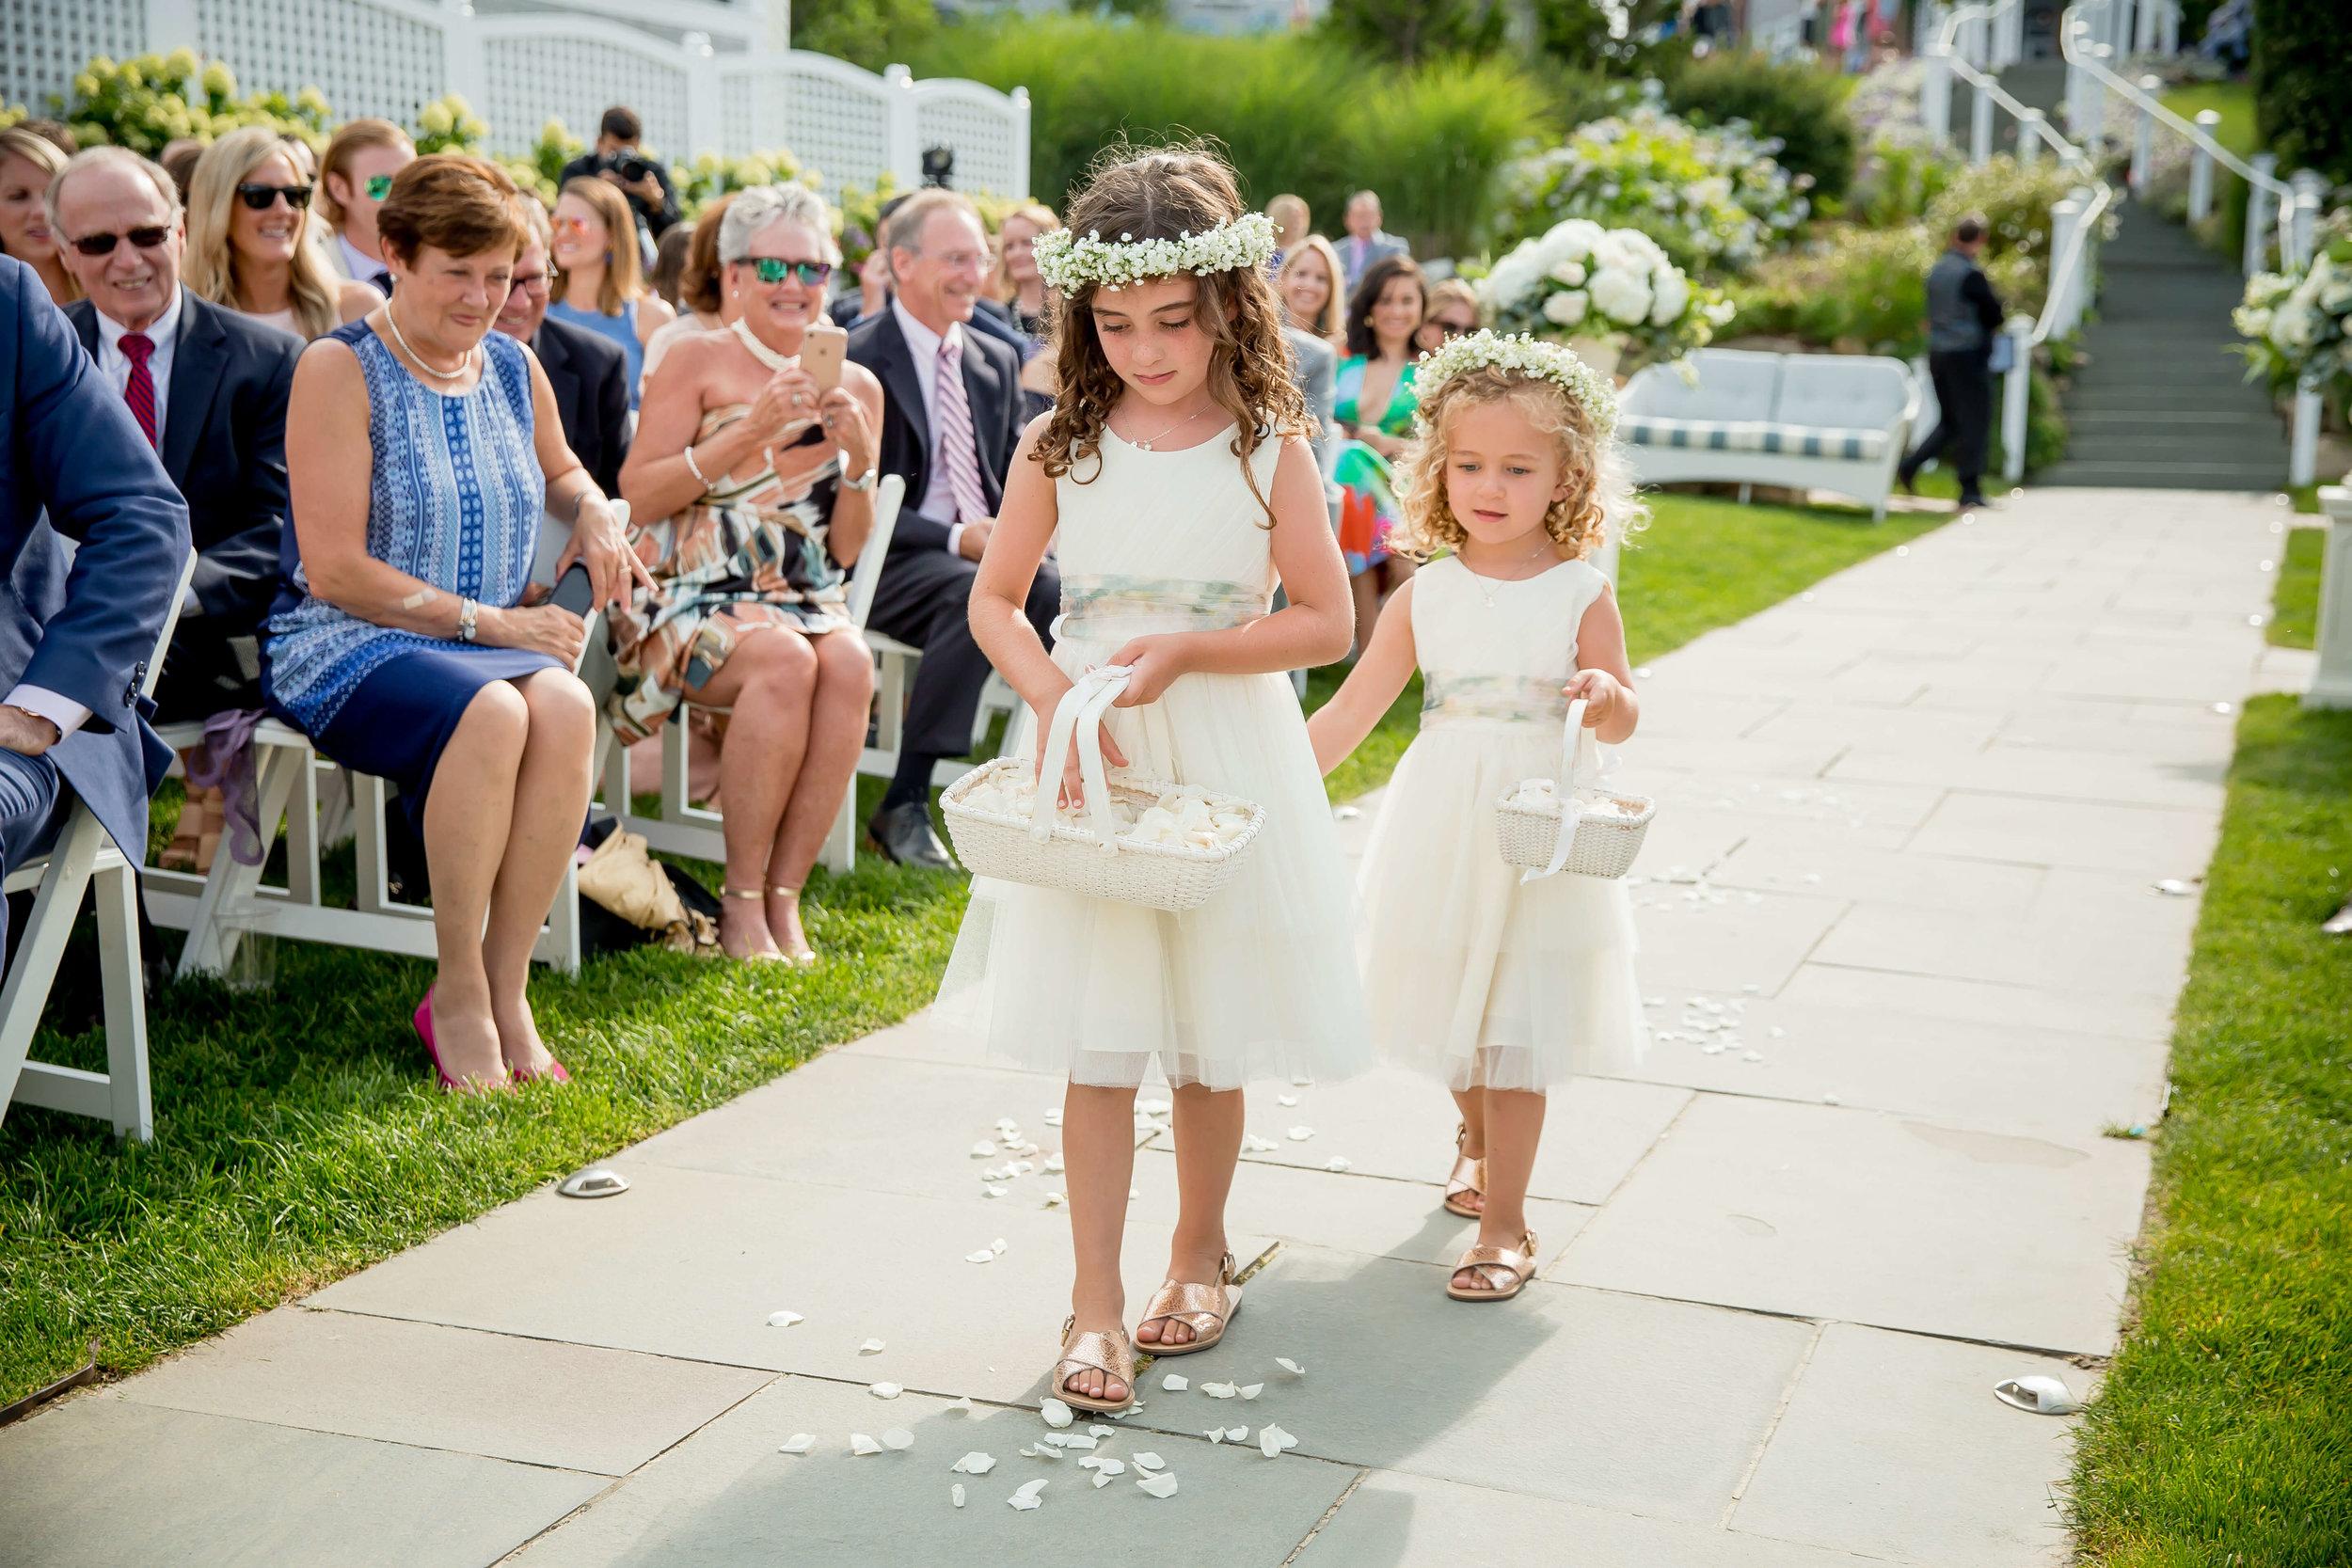 snickenberger-wedding-269.JPG